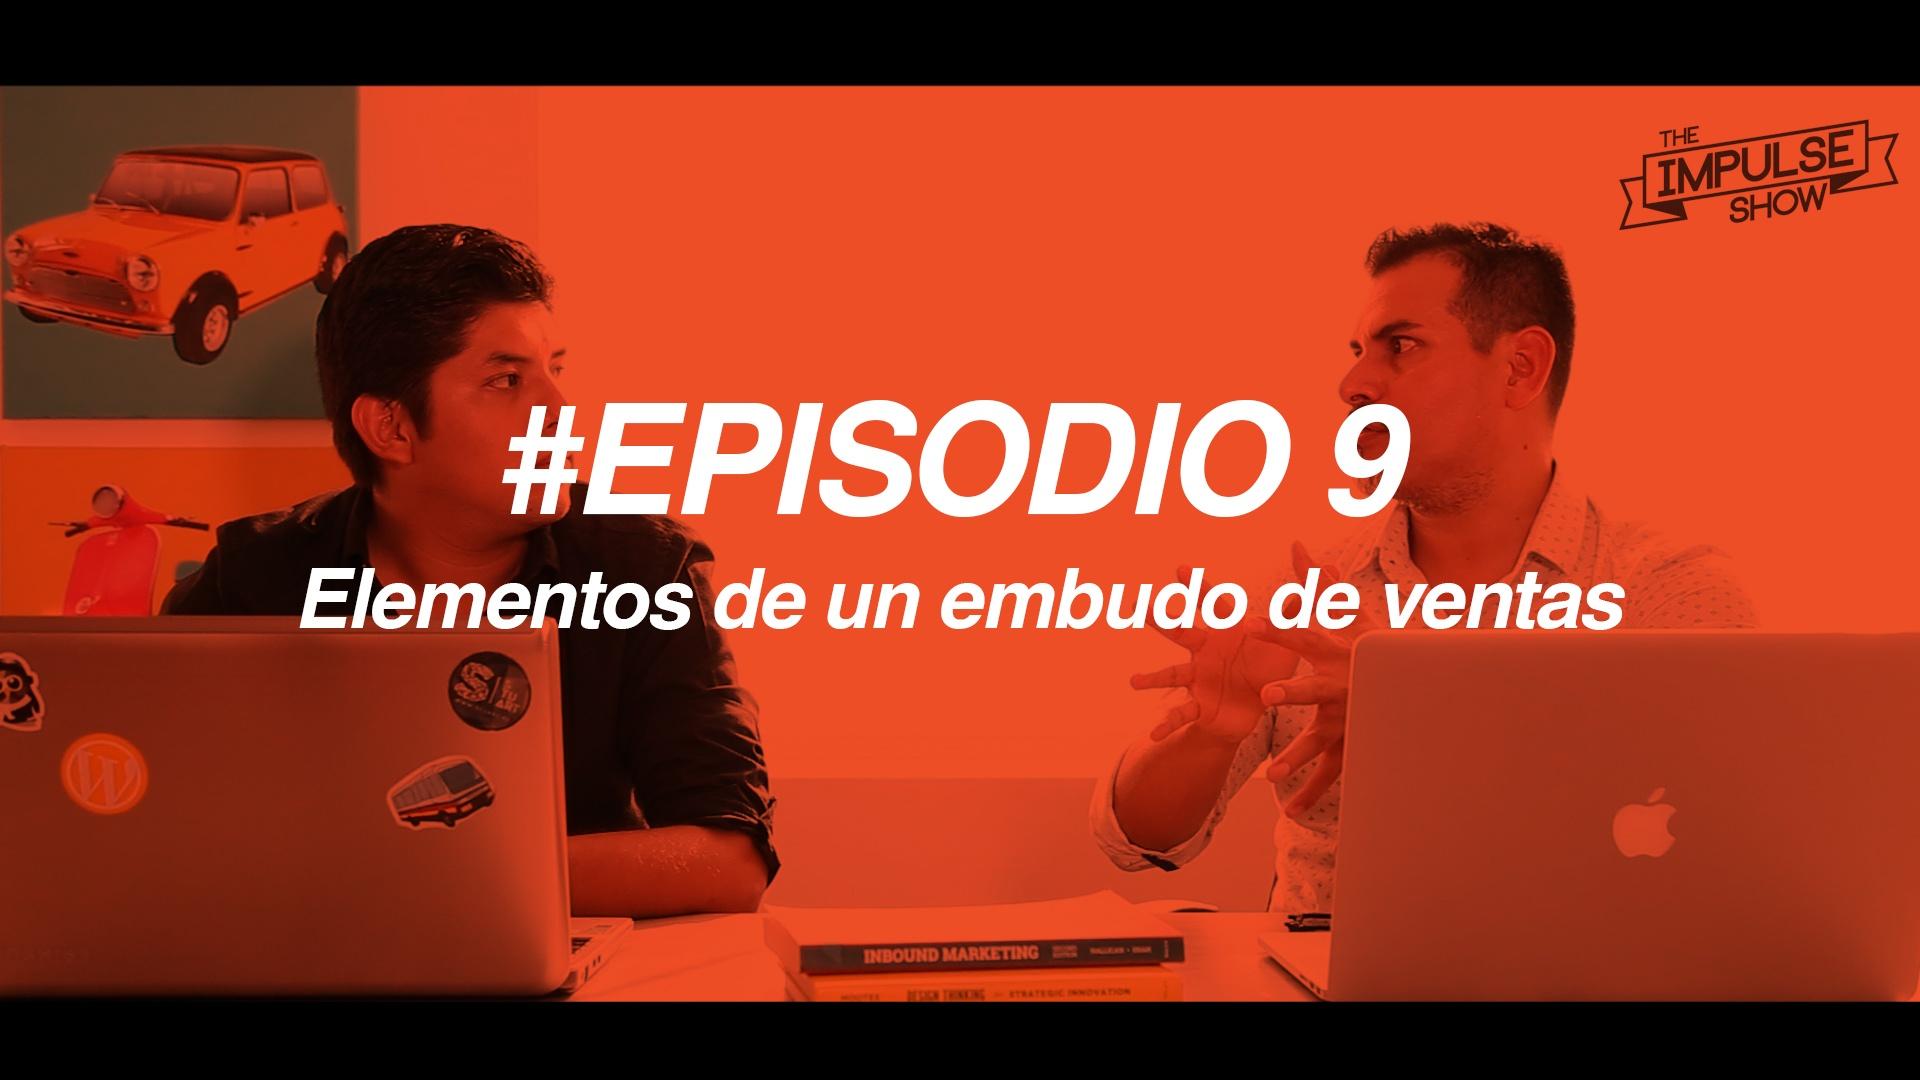 episodio-9-impulse-show-embudo-de-ventas.jpg